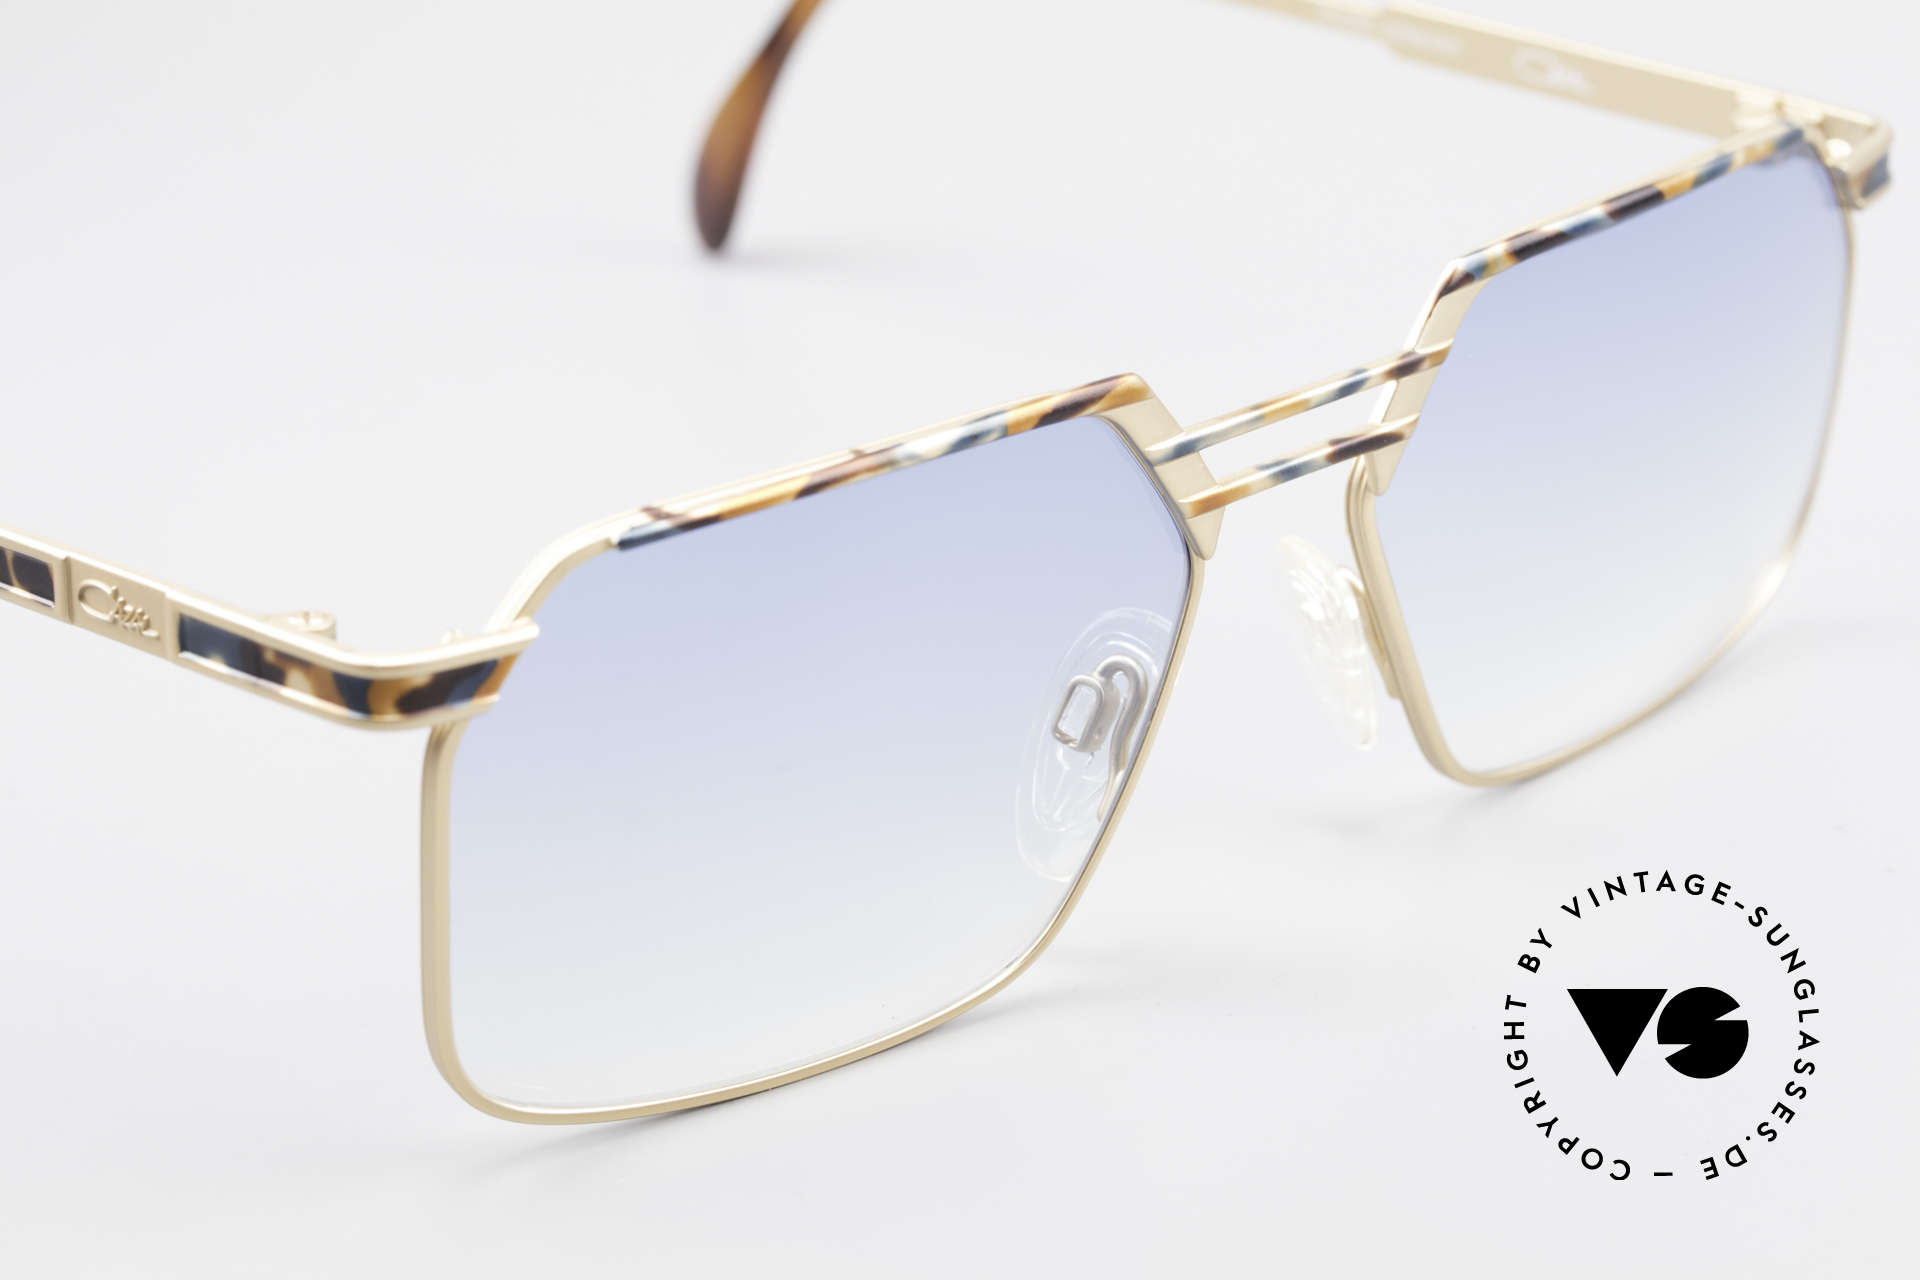 Cazal 760 True Vintage Men's Sunglasses, unworn, light-blue tinted lenses, M size 57-16, Made for Men